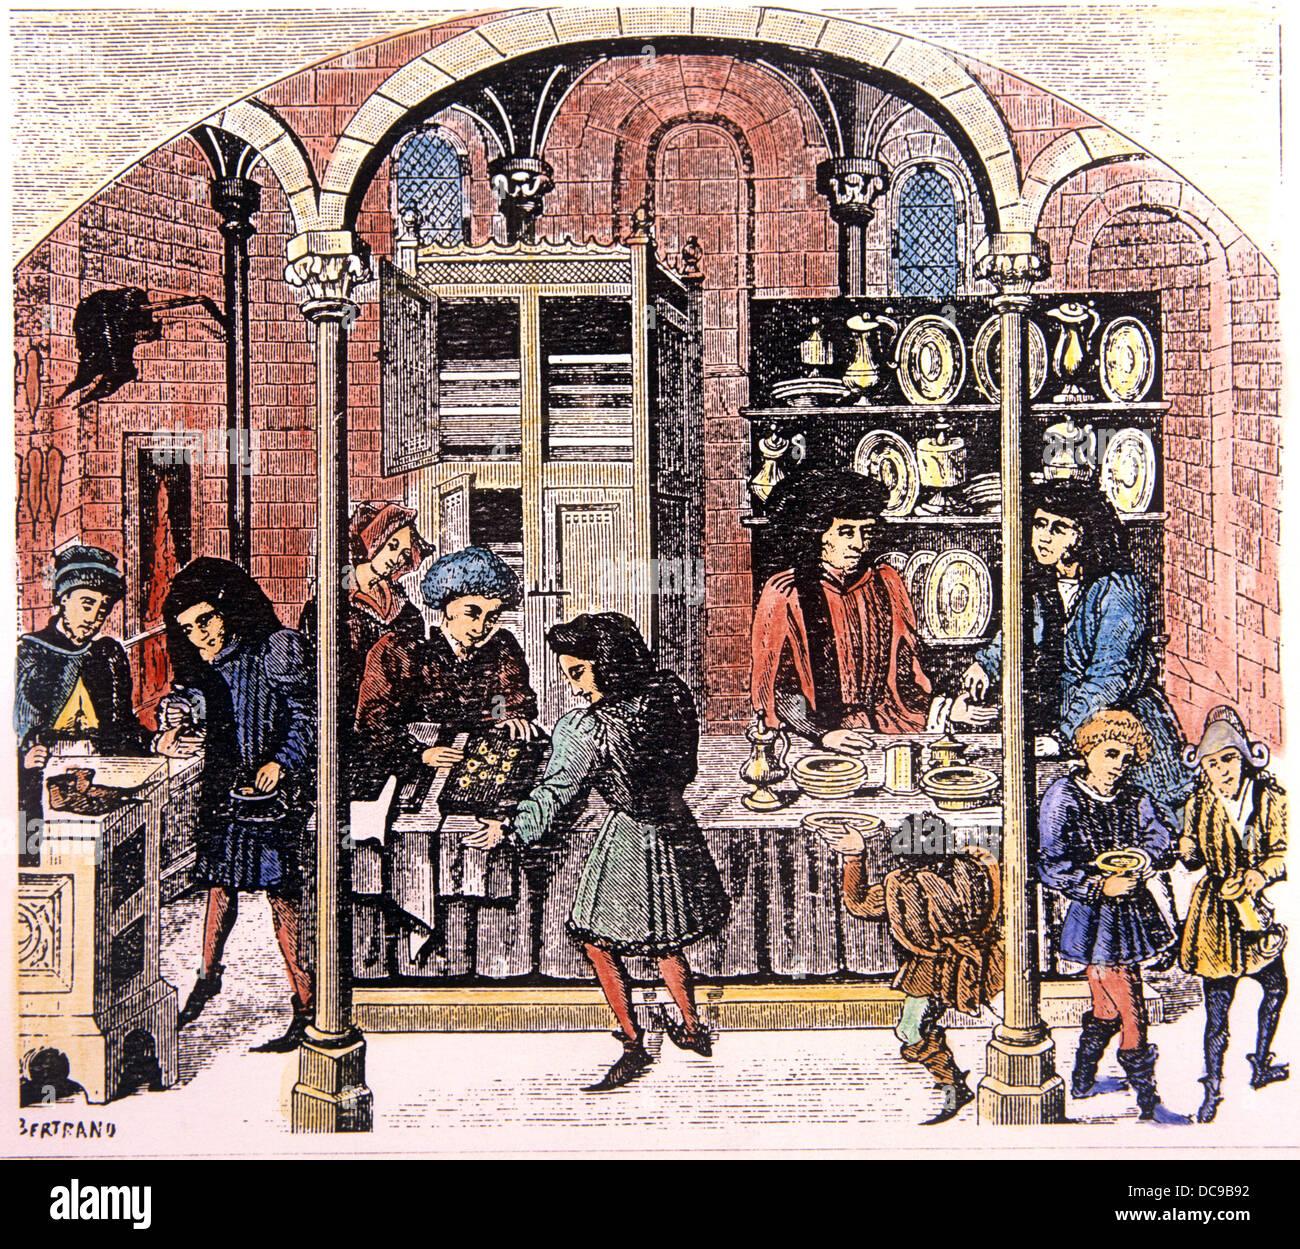 Mittelalterliche Periode. Markthalle. Goldschmied. An Ihren Händler. Schuhmacher. Tuchhändler. Geschäfte. Stockbild